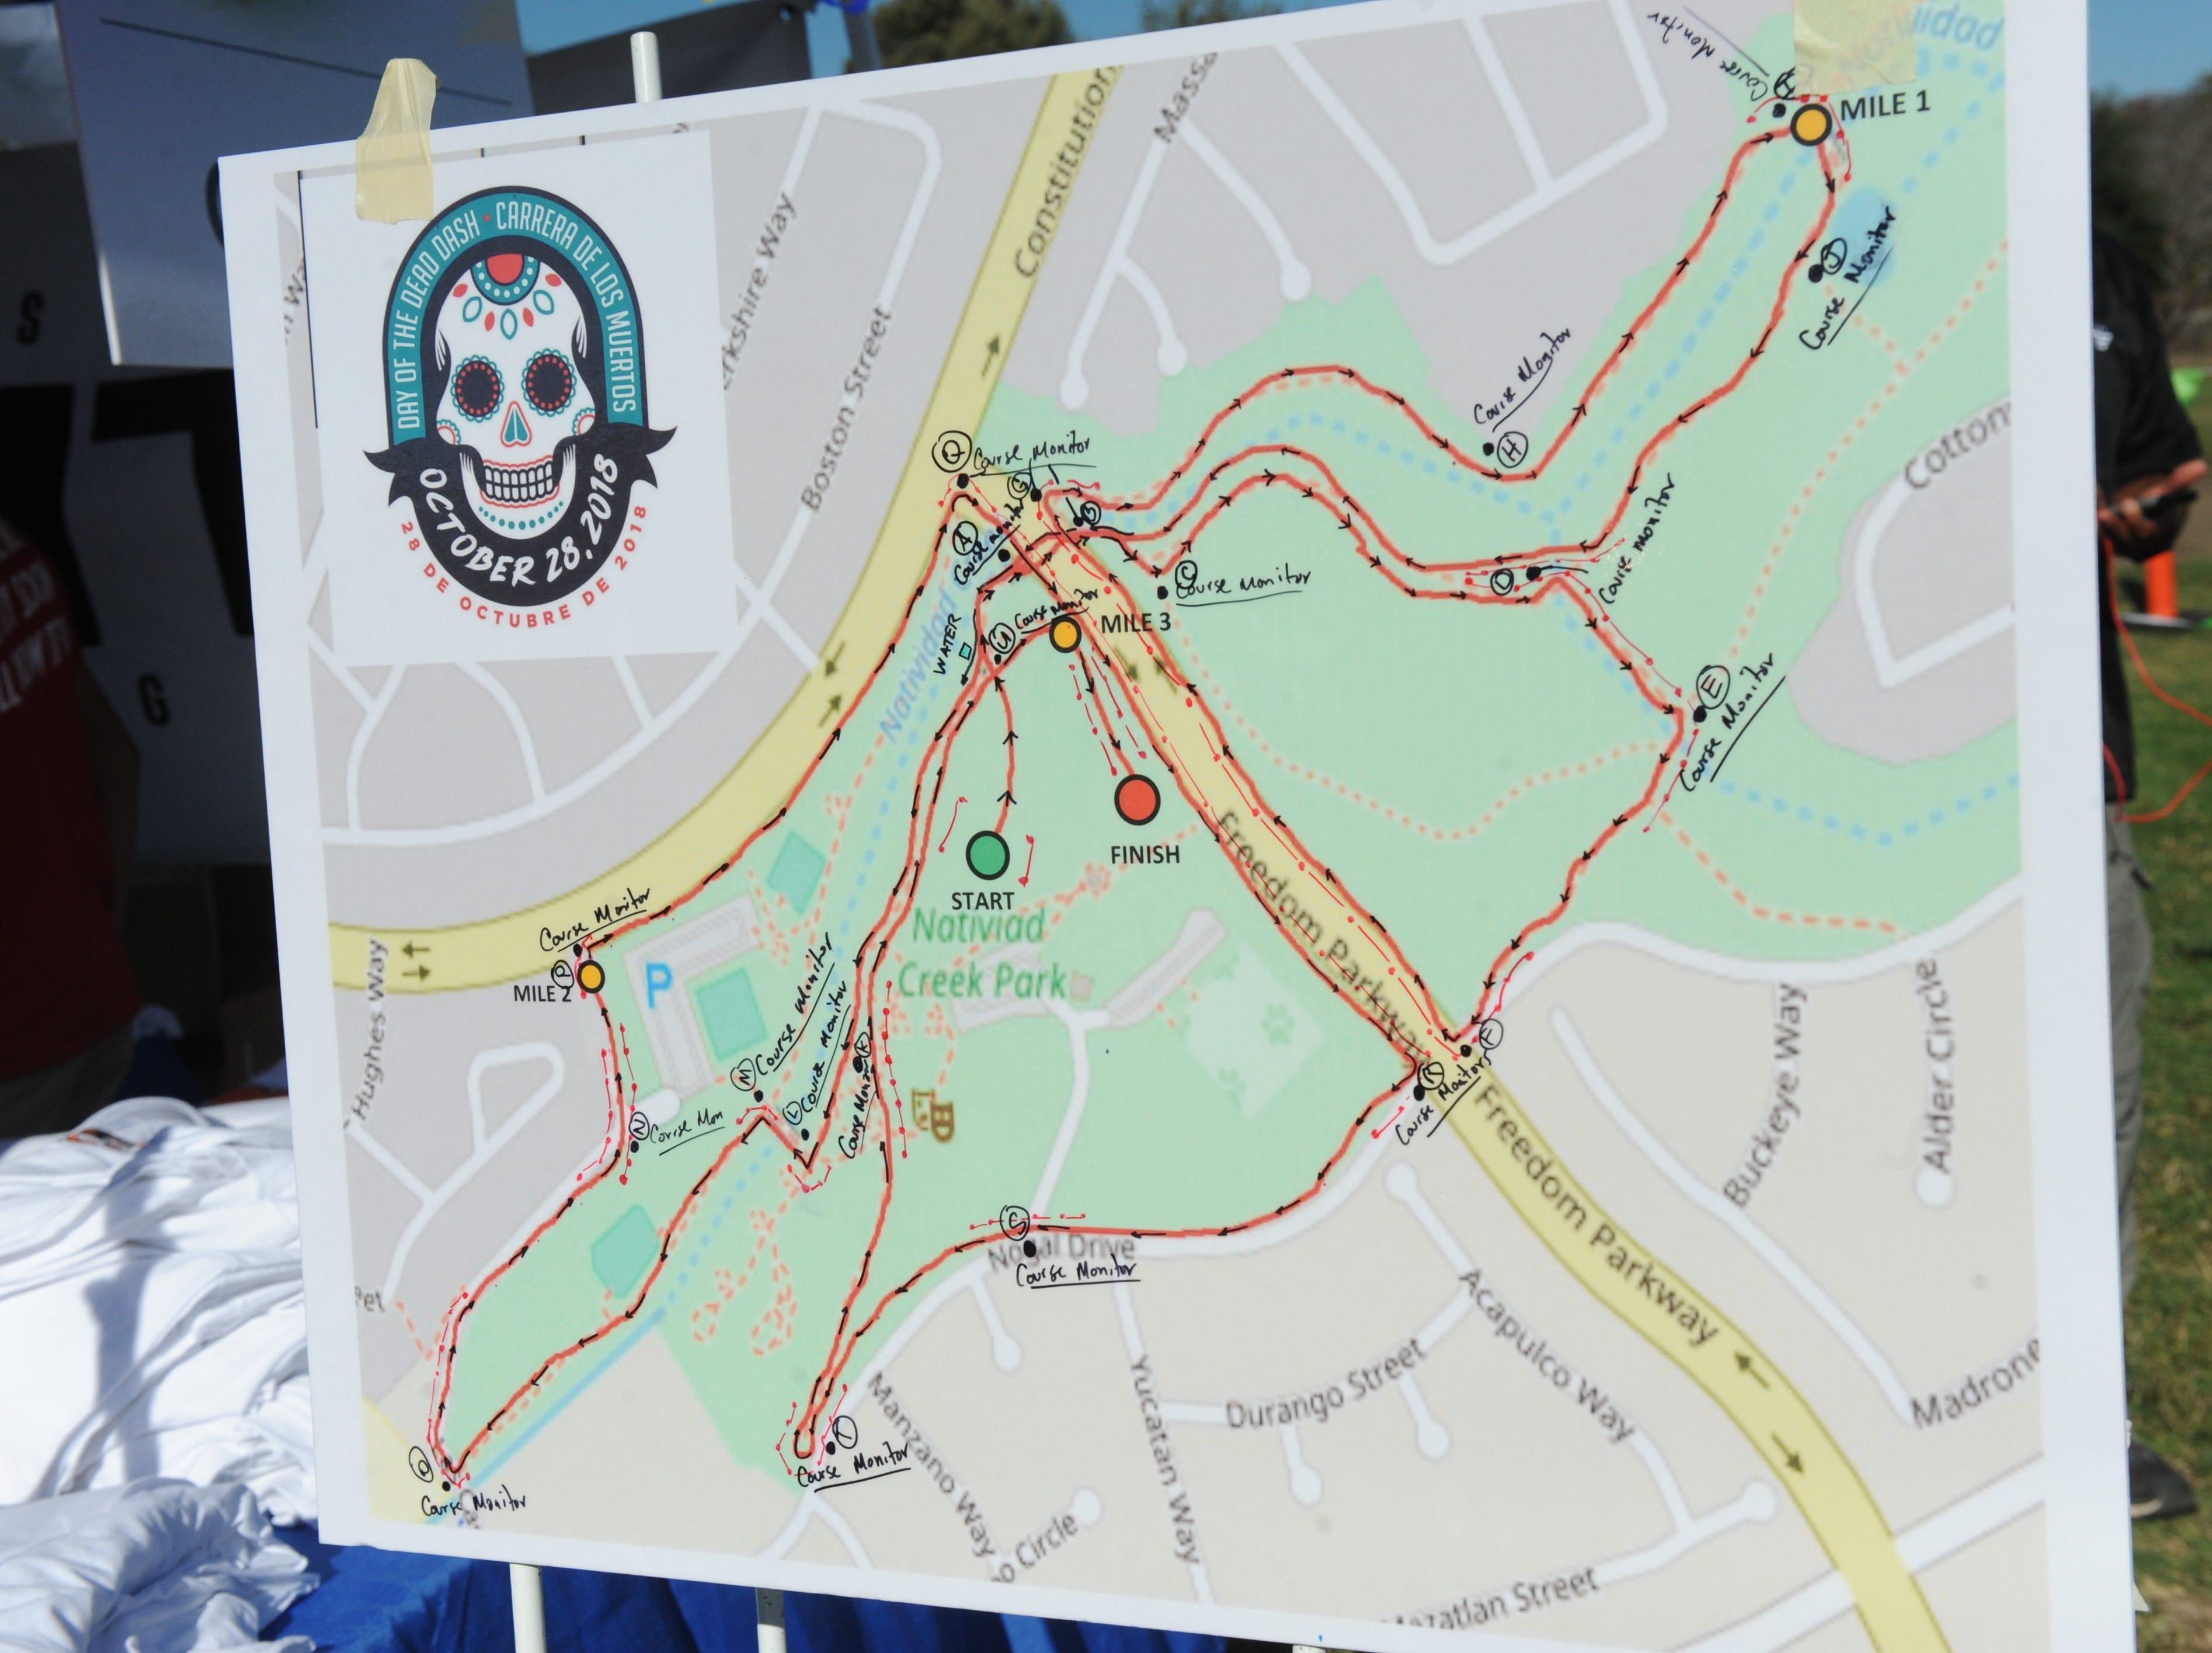 The map for the Día de los Muertos 5k run at Natividad Creek Park on Sunday.